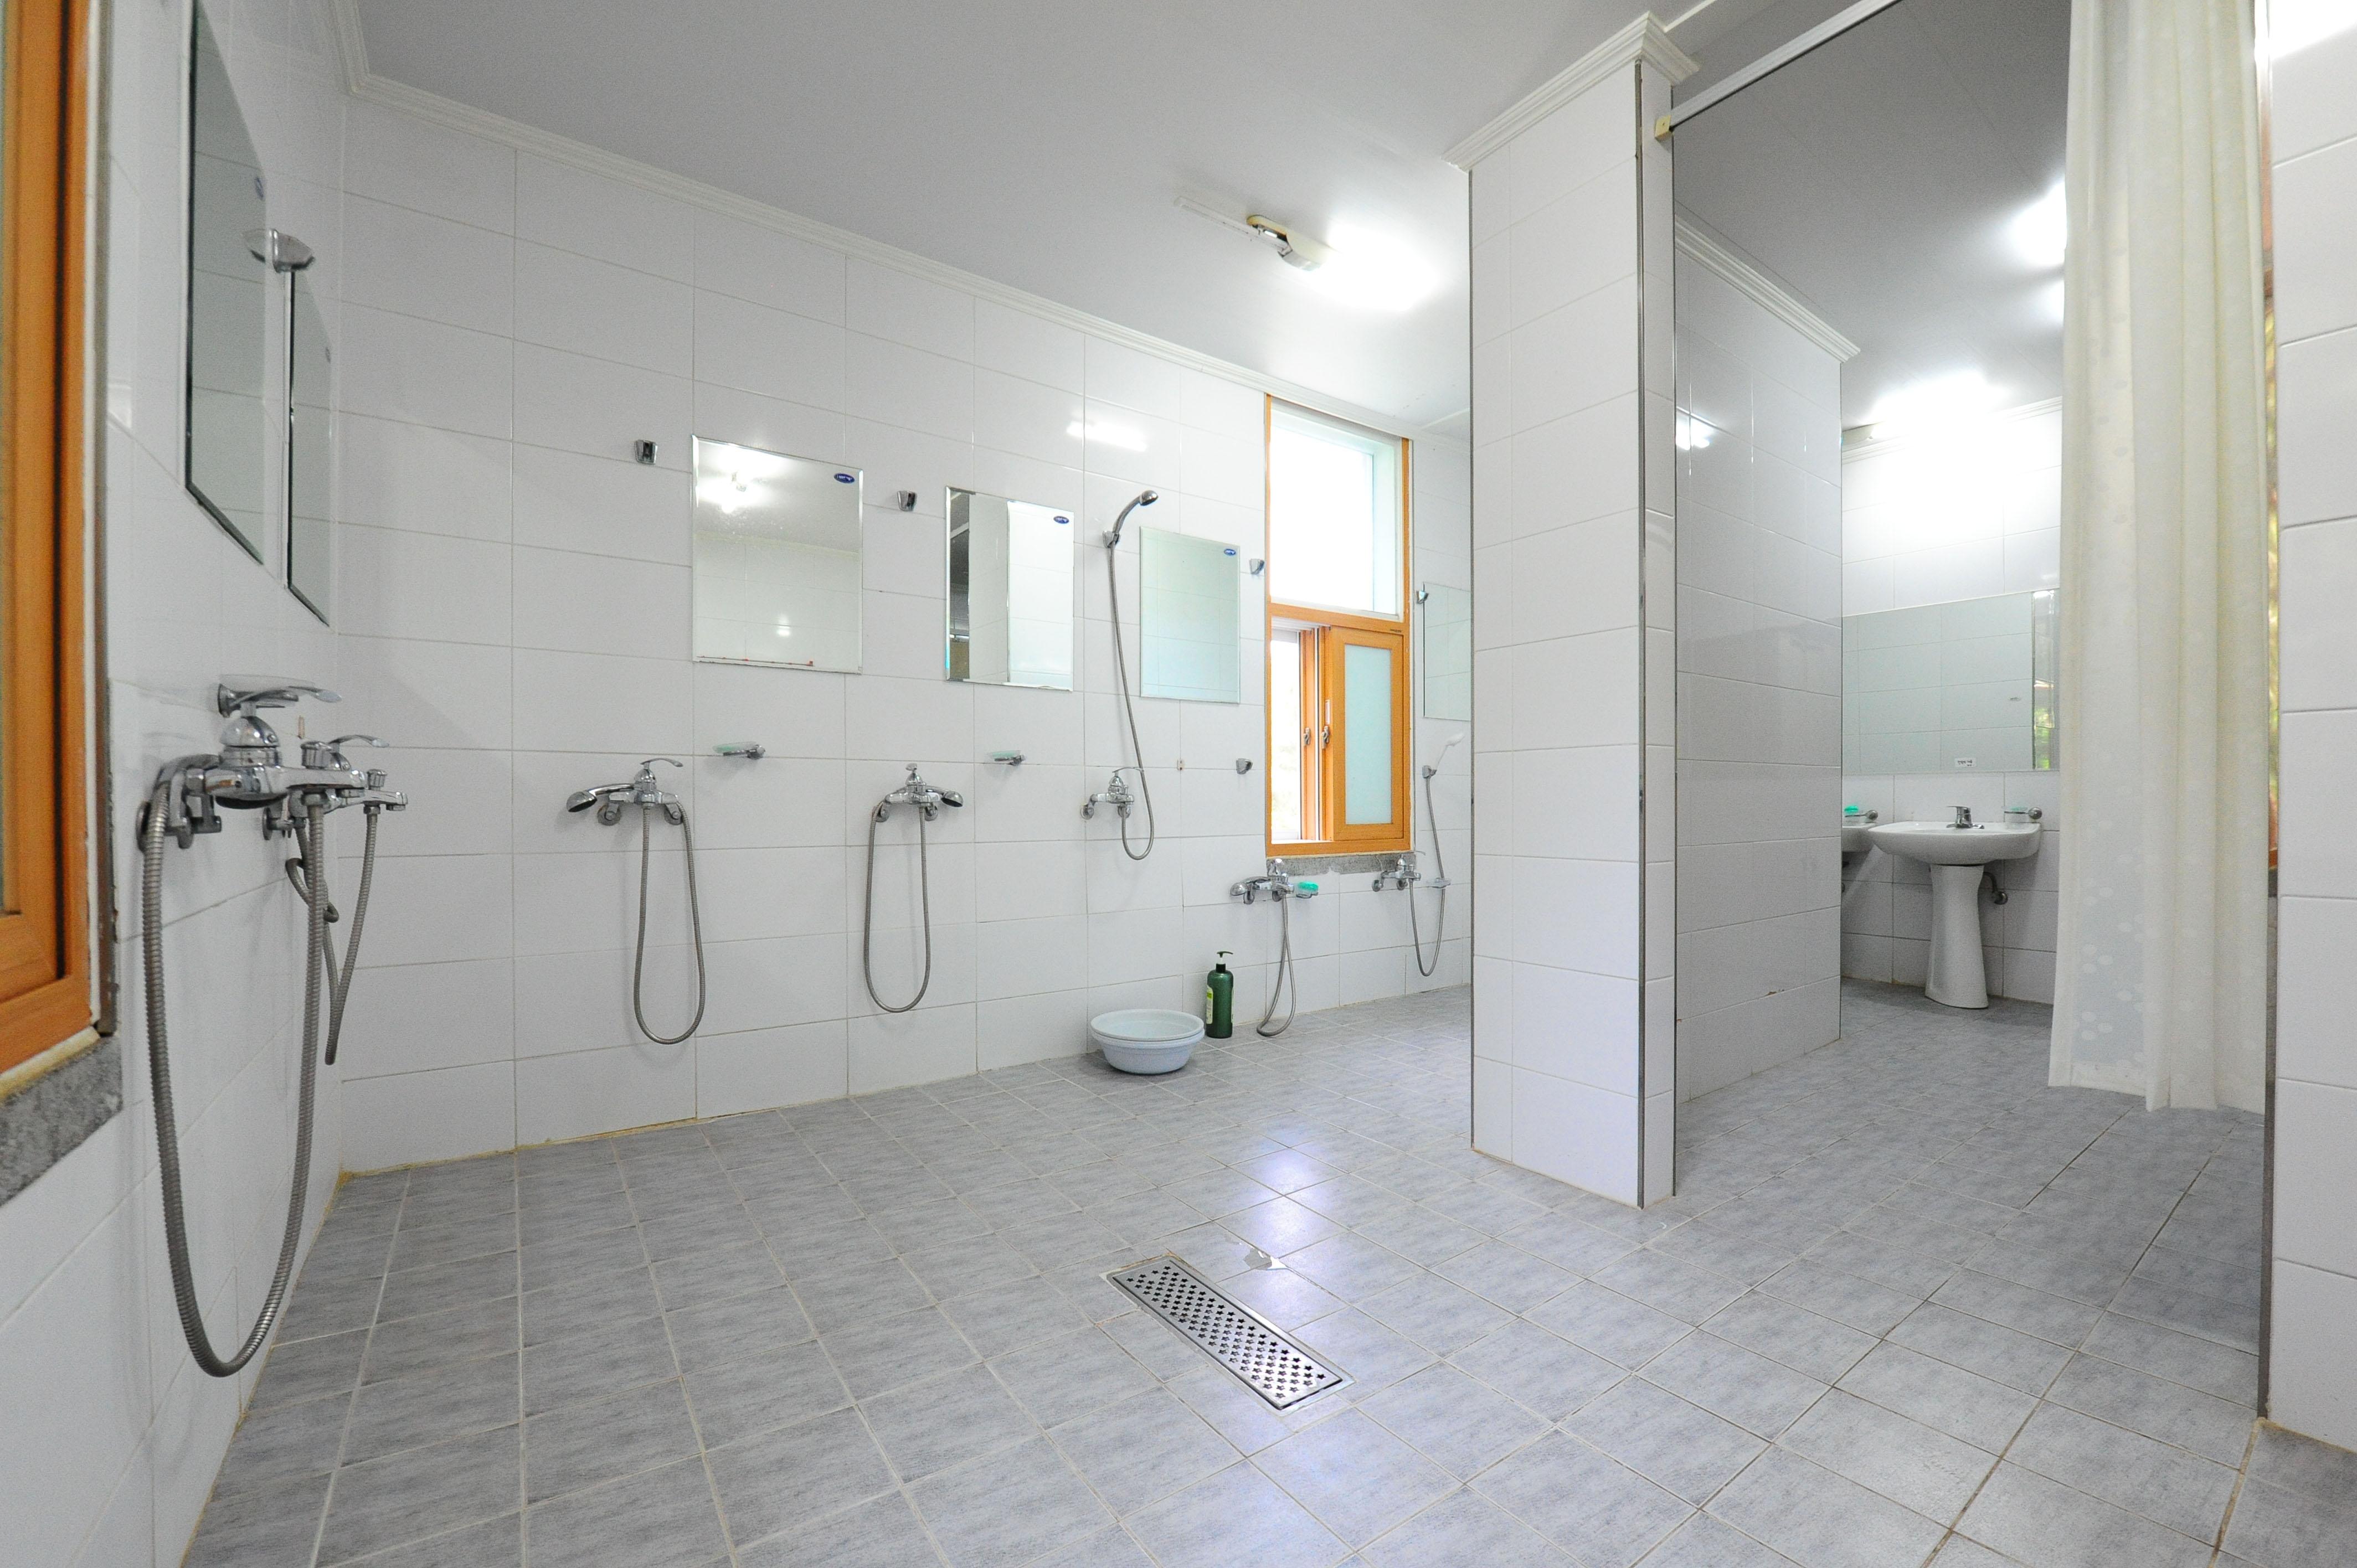 마이어즈관 2층 여자 화장실 /샤워실